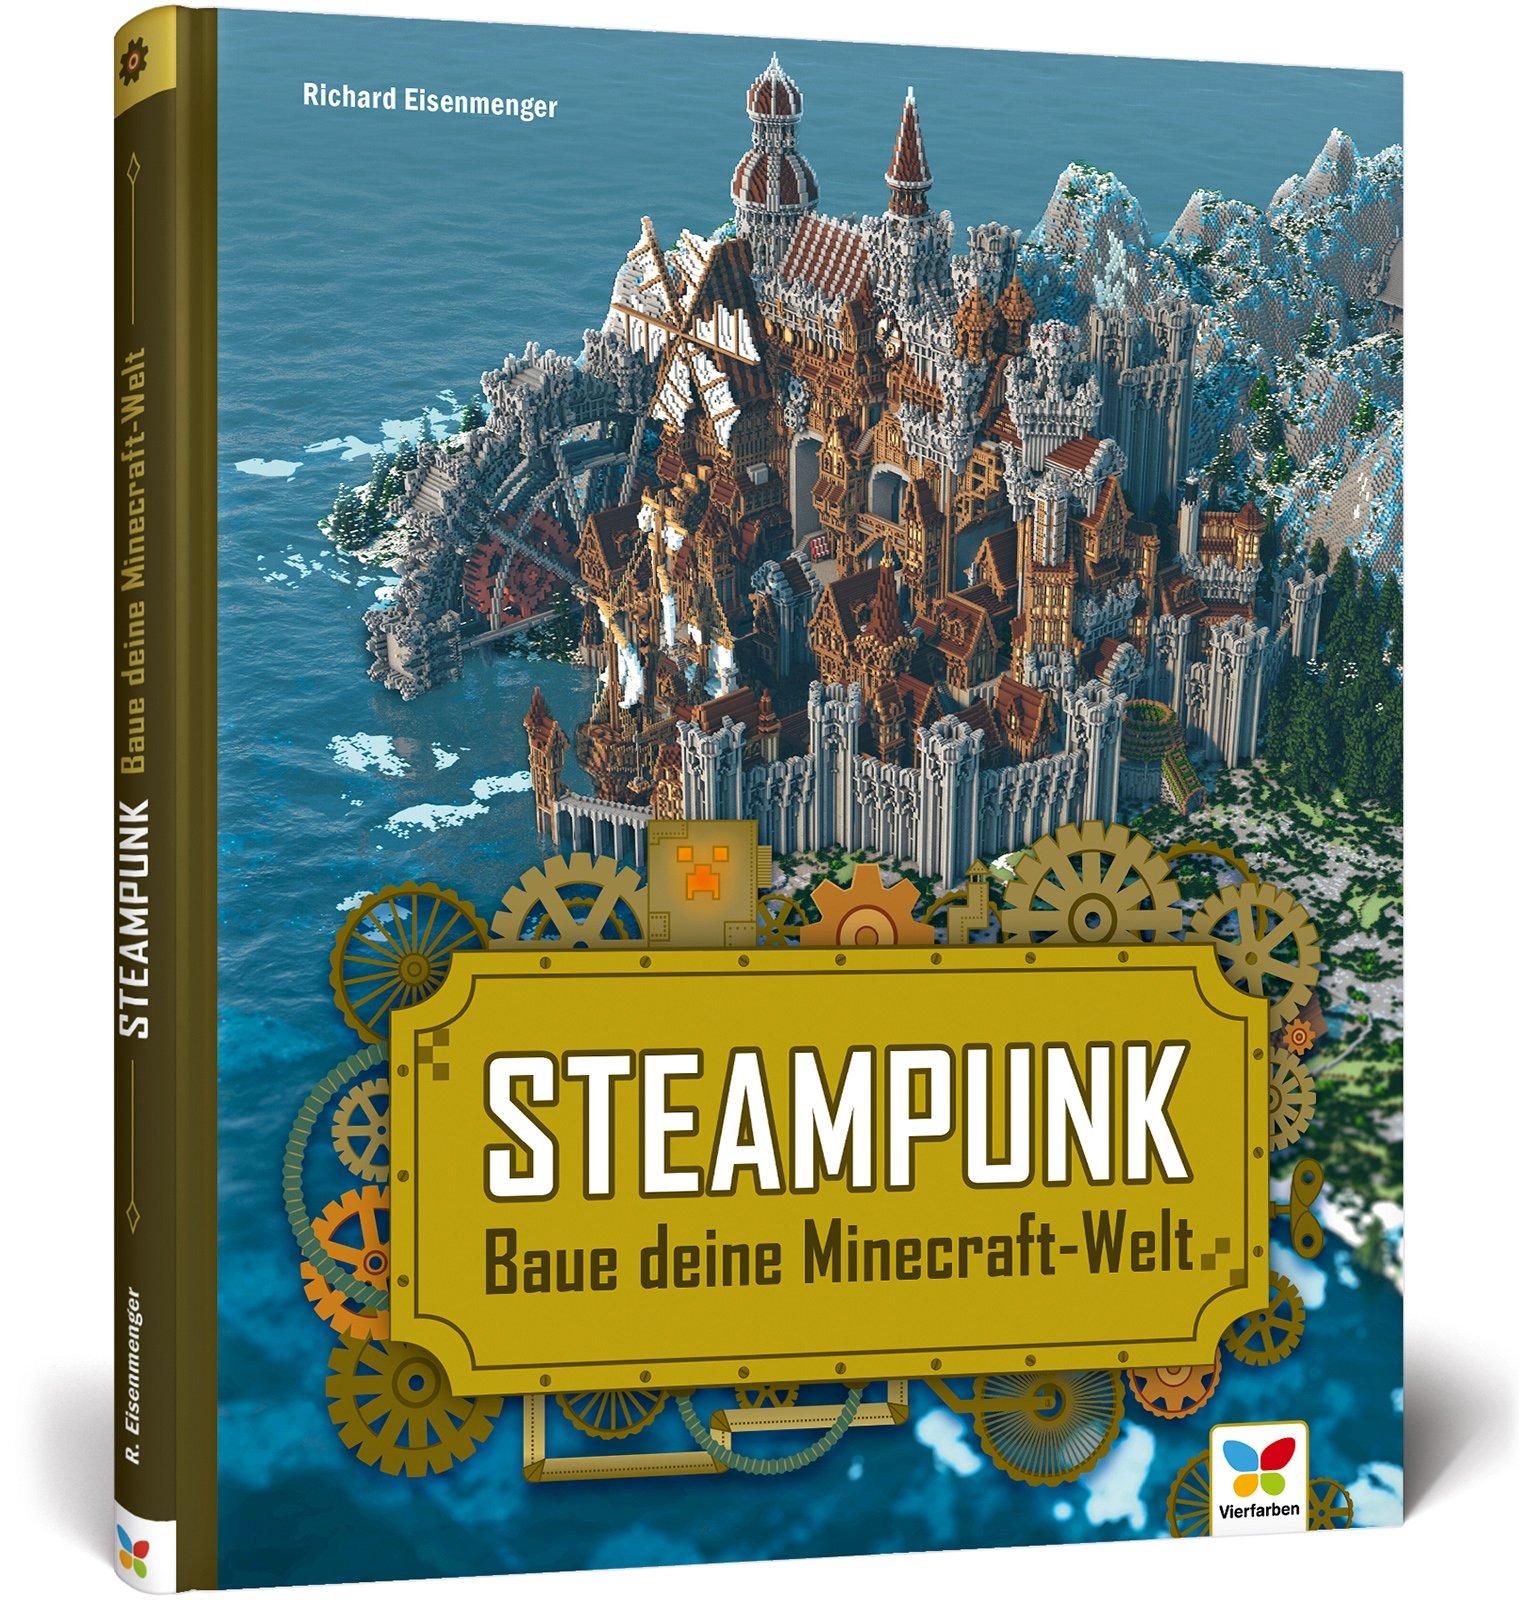 Steampunk: Baue deine Minecraft-Welt! Mit 3D-Bauplänen, Tipps und Anregungen für eigene Bauwerke und Konstruktionen. Komplett in Farbe!